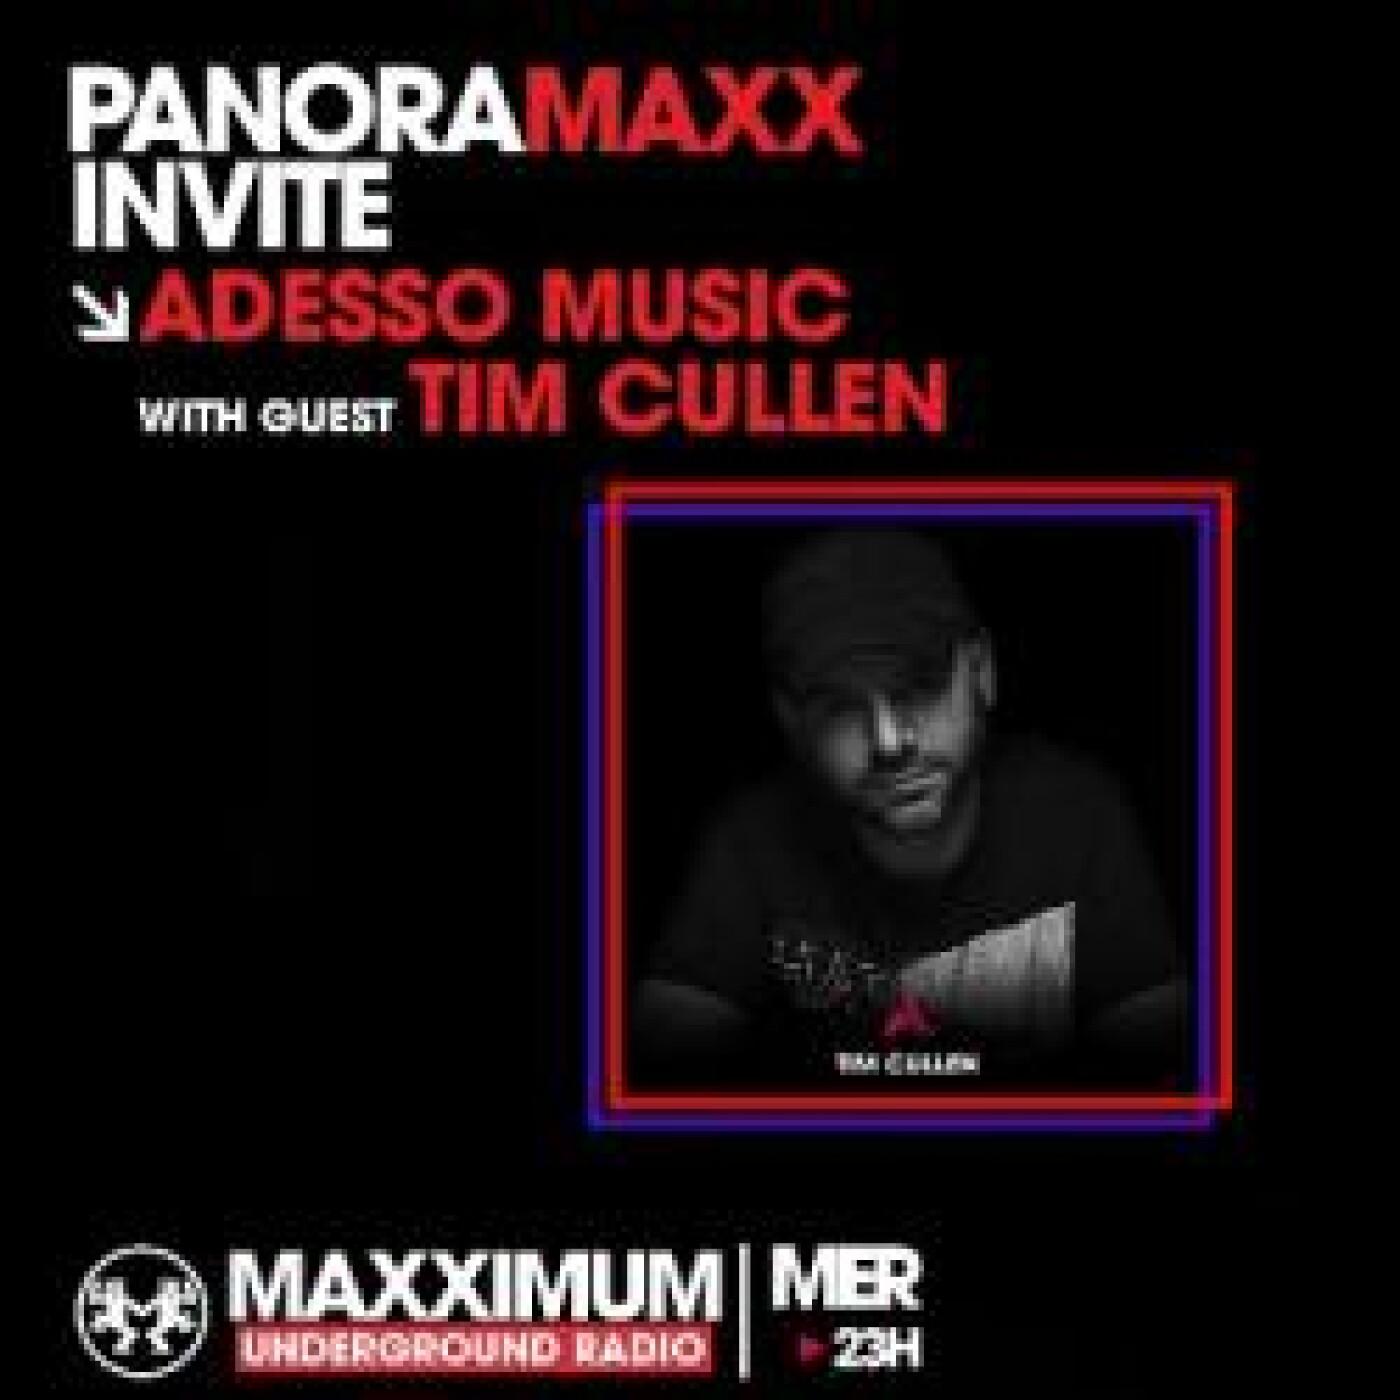 PANORAMAXX : TIM CULLEN